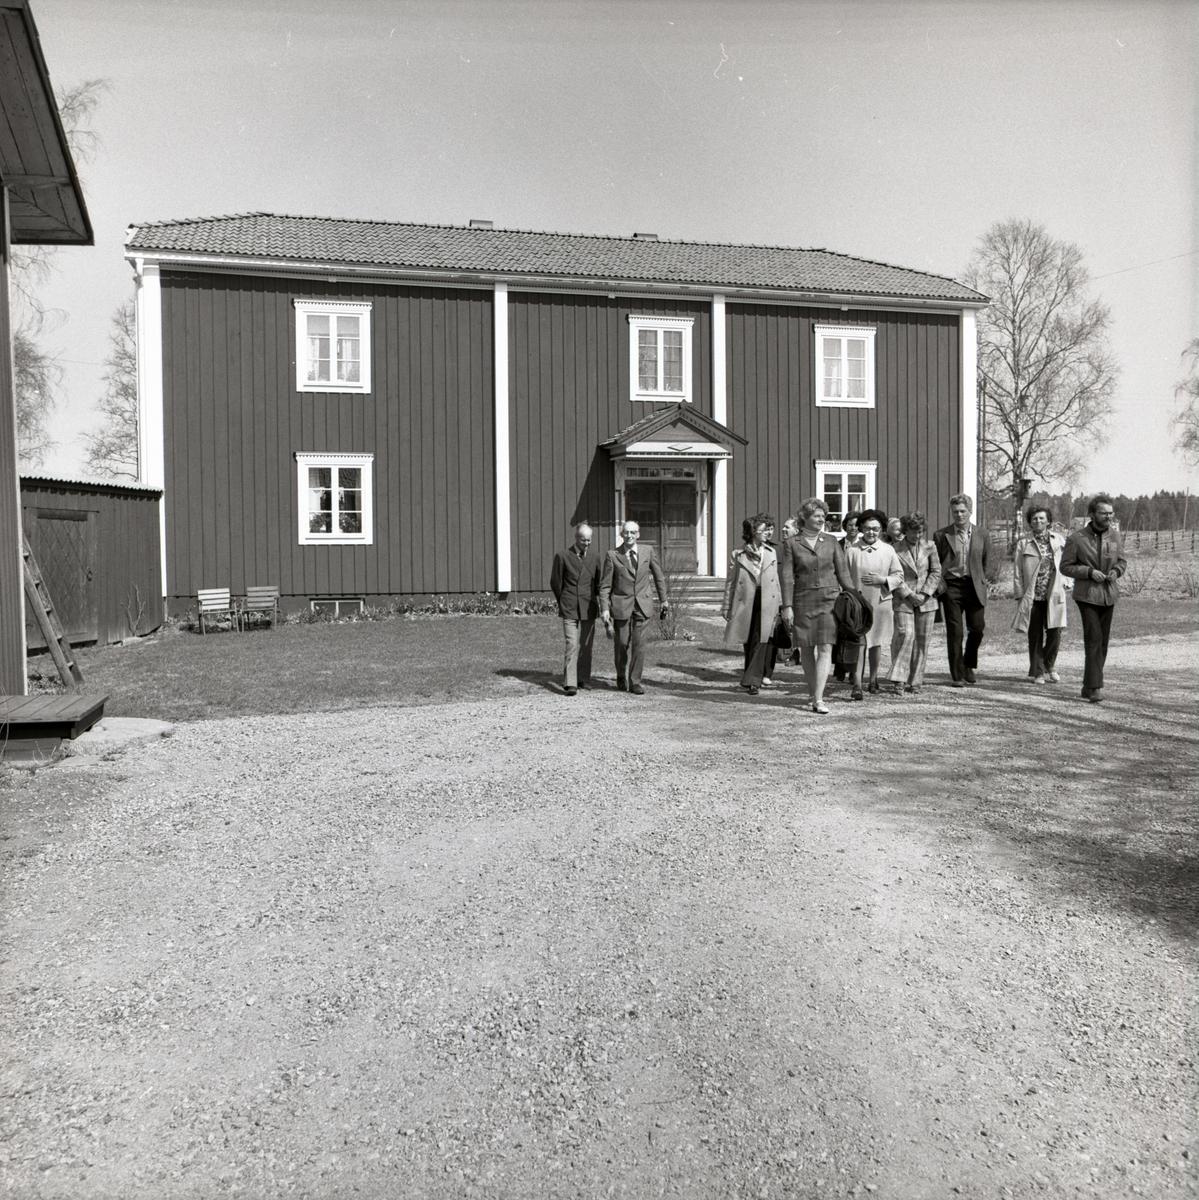 En grupp männniskor går över gårdsplanen vid gården Sunnanåker, 1974.